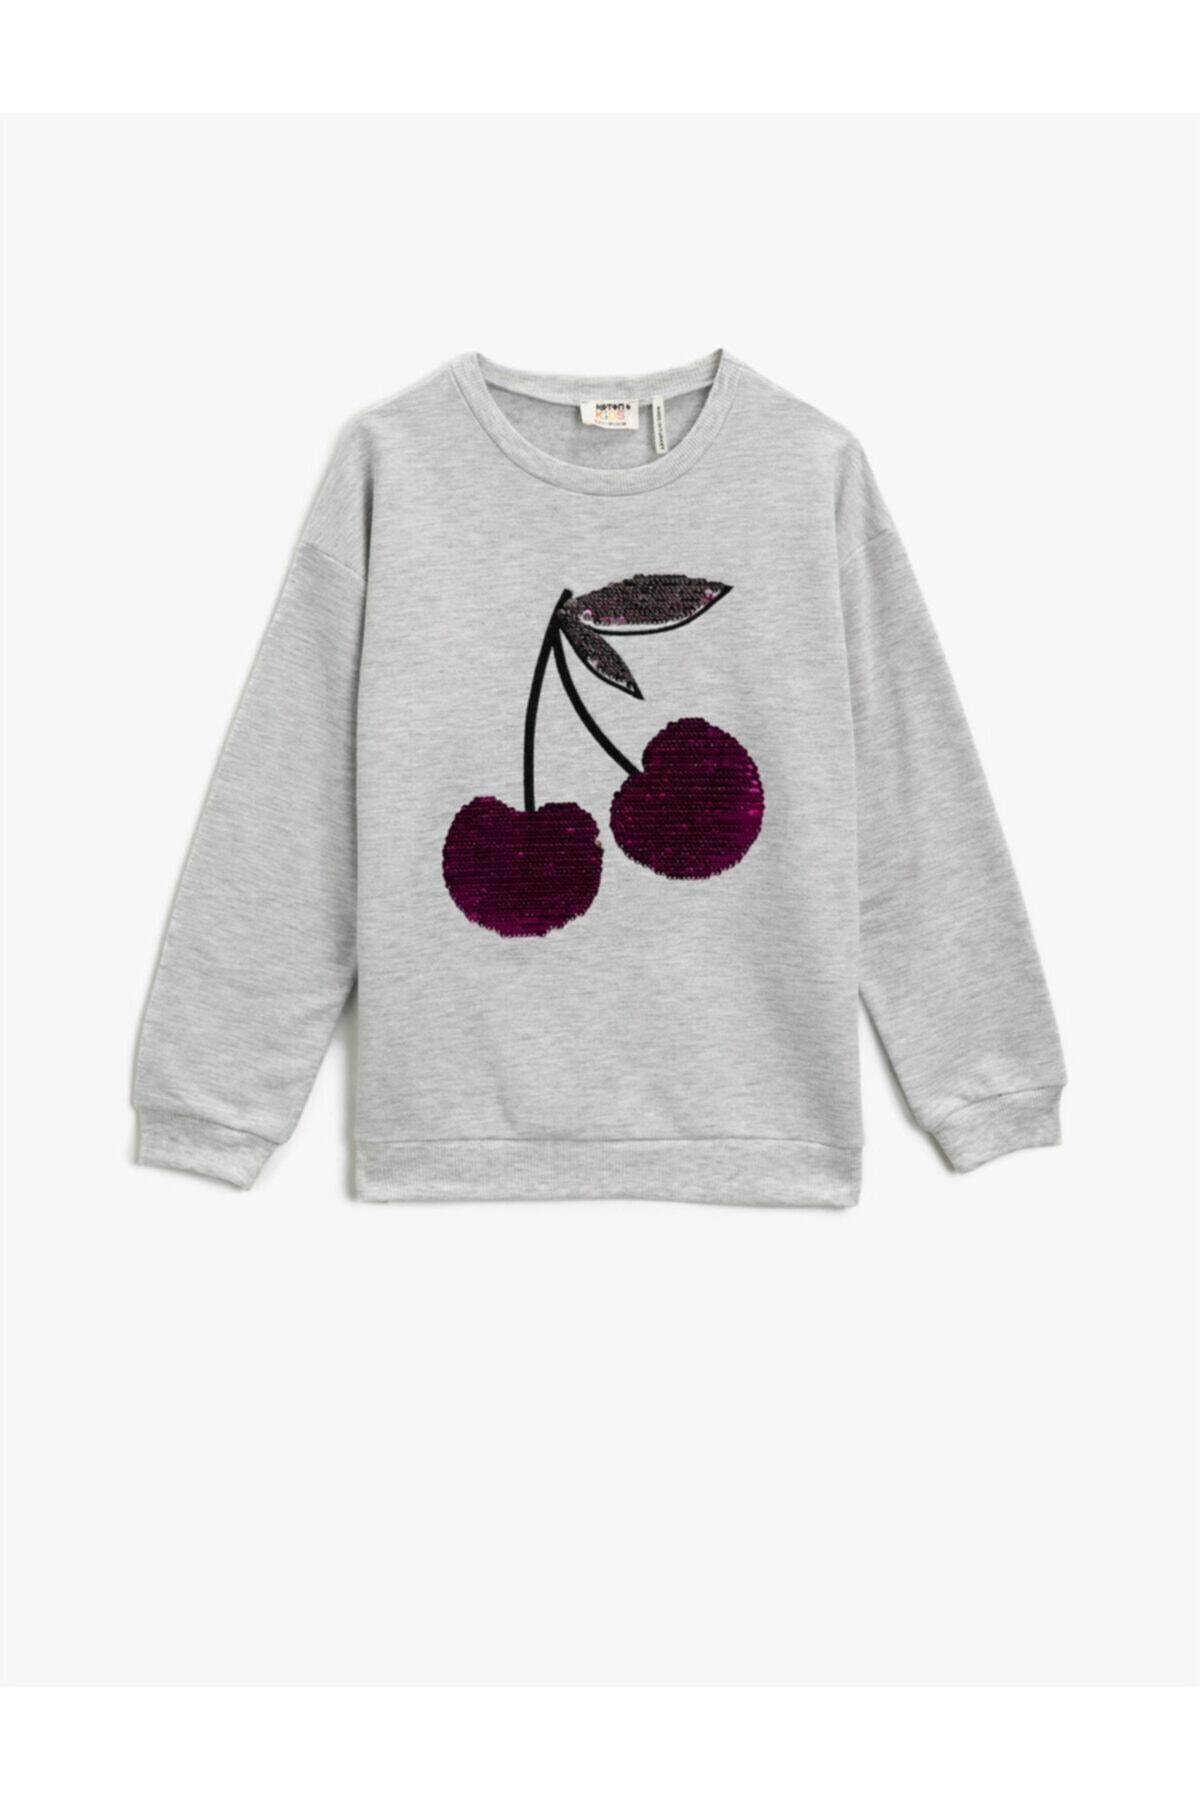 خرید انلاین سویشرت دخترانه طرح دار برند Koton Kids رنگ نقره ای کد ty73274880